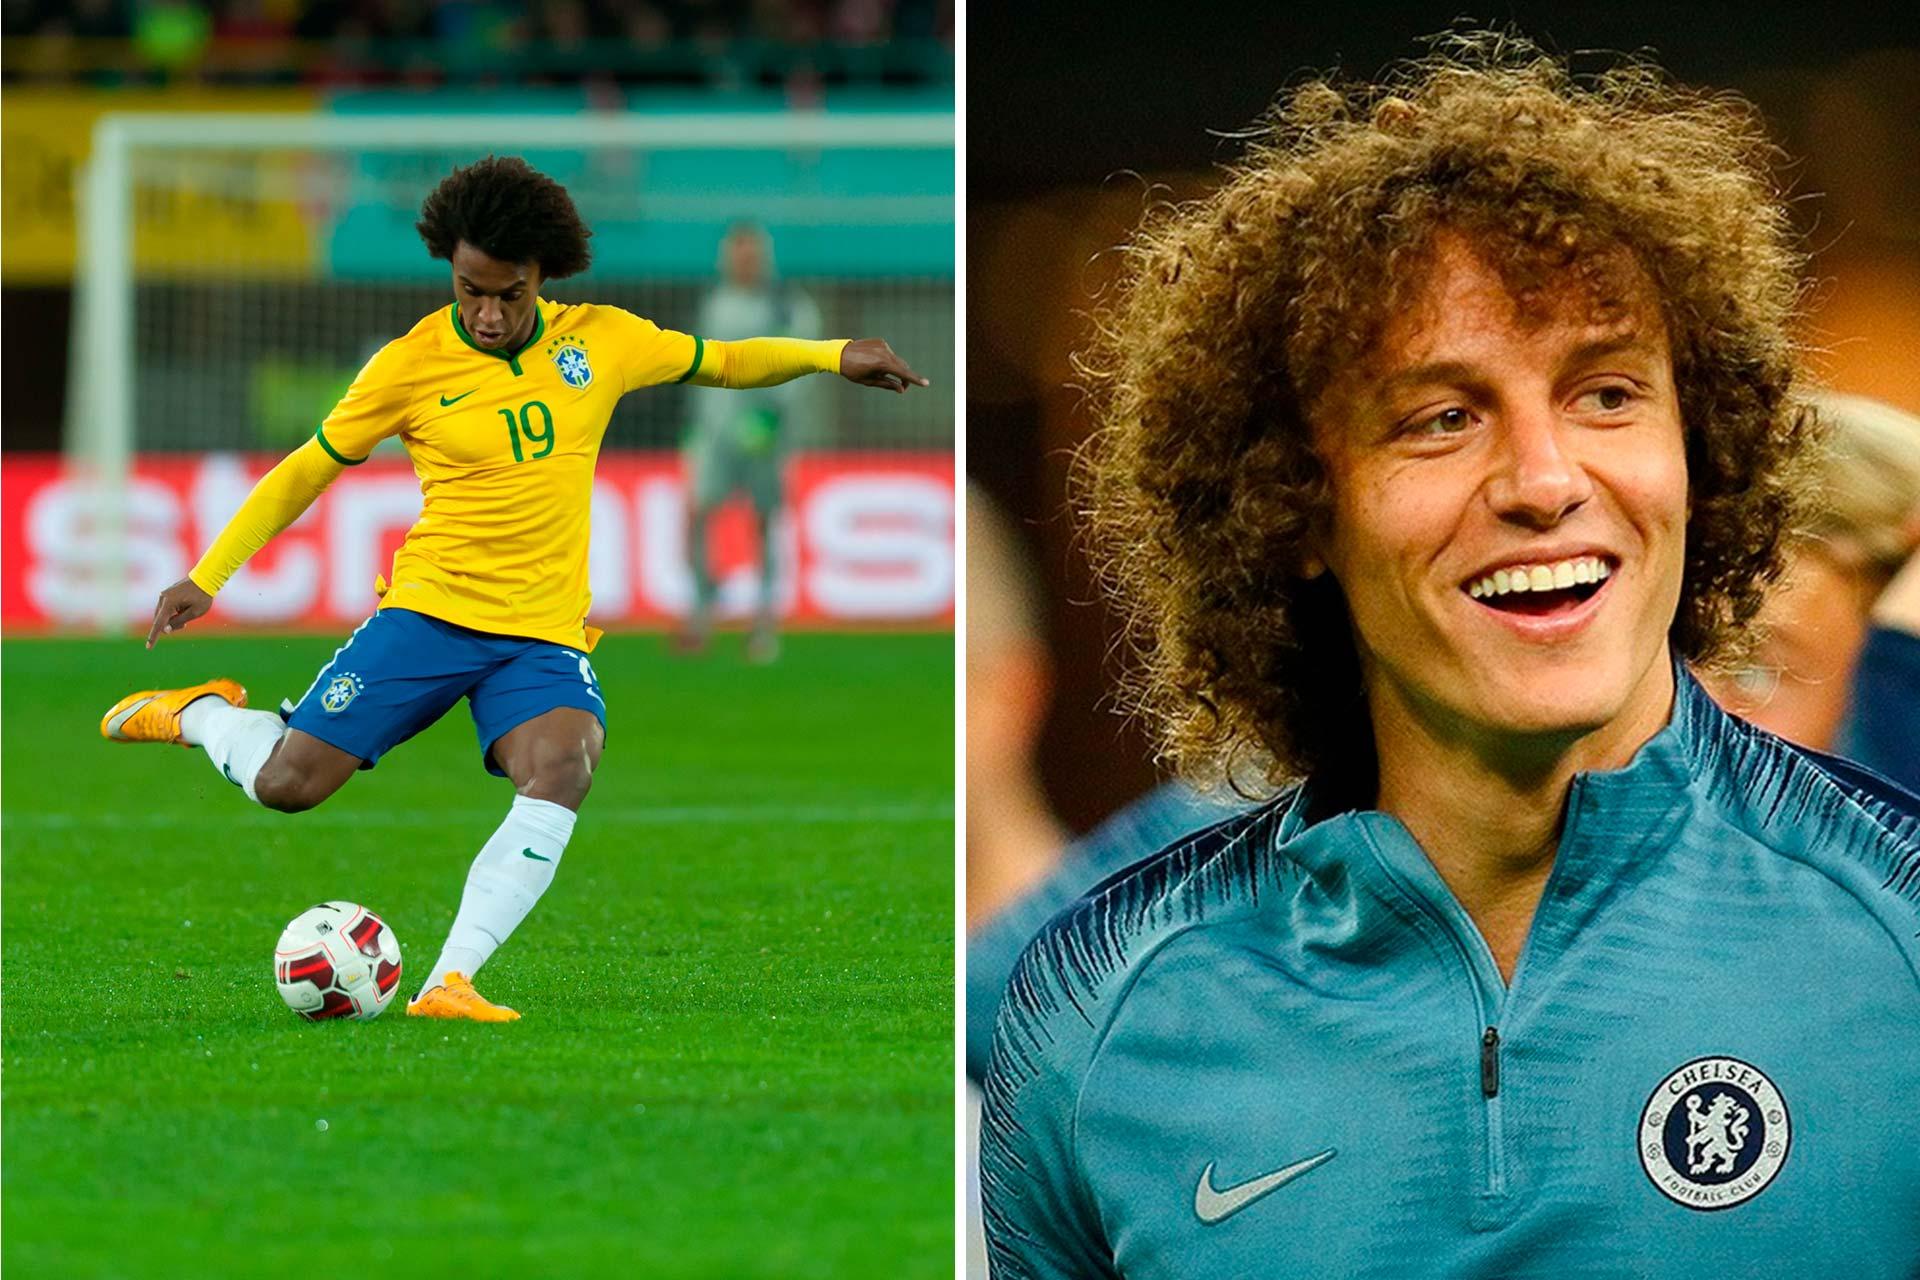 William Borges and David Luiz